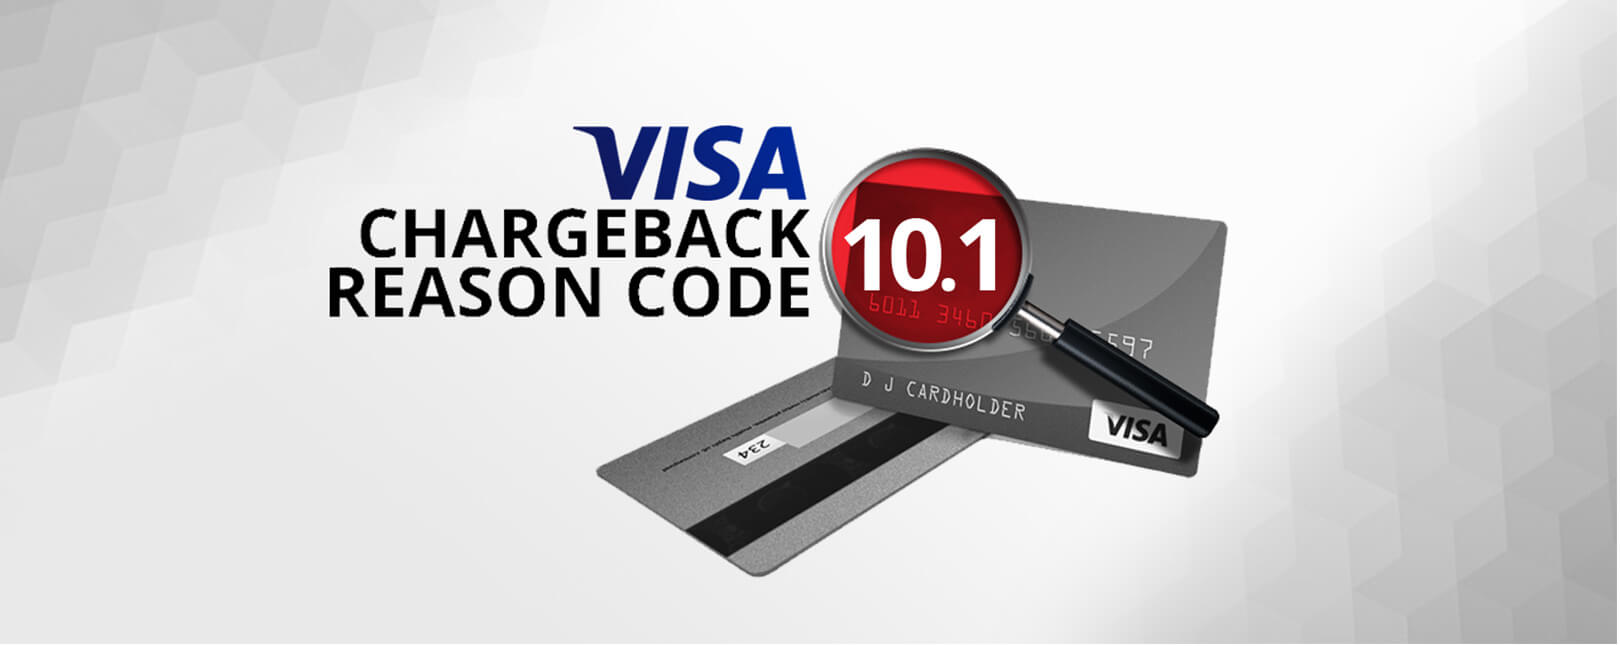 Visa Chargeback Reason Code 10-1